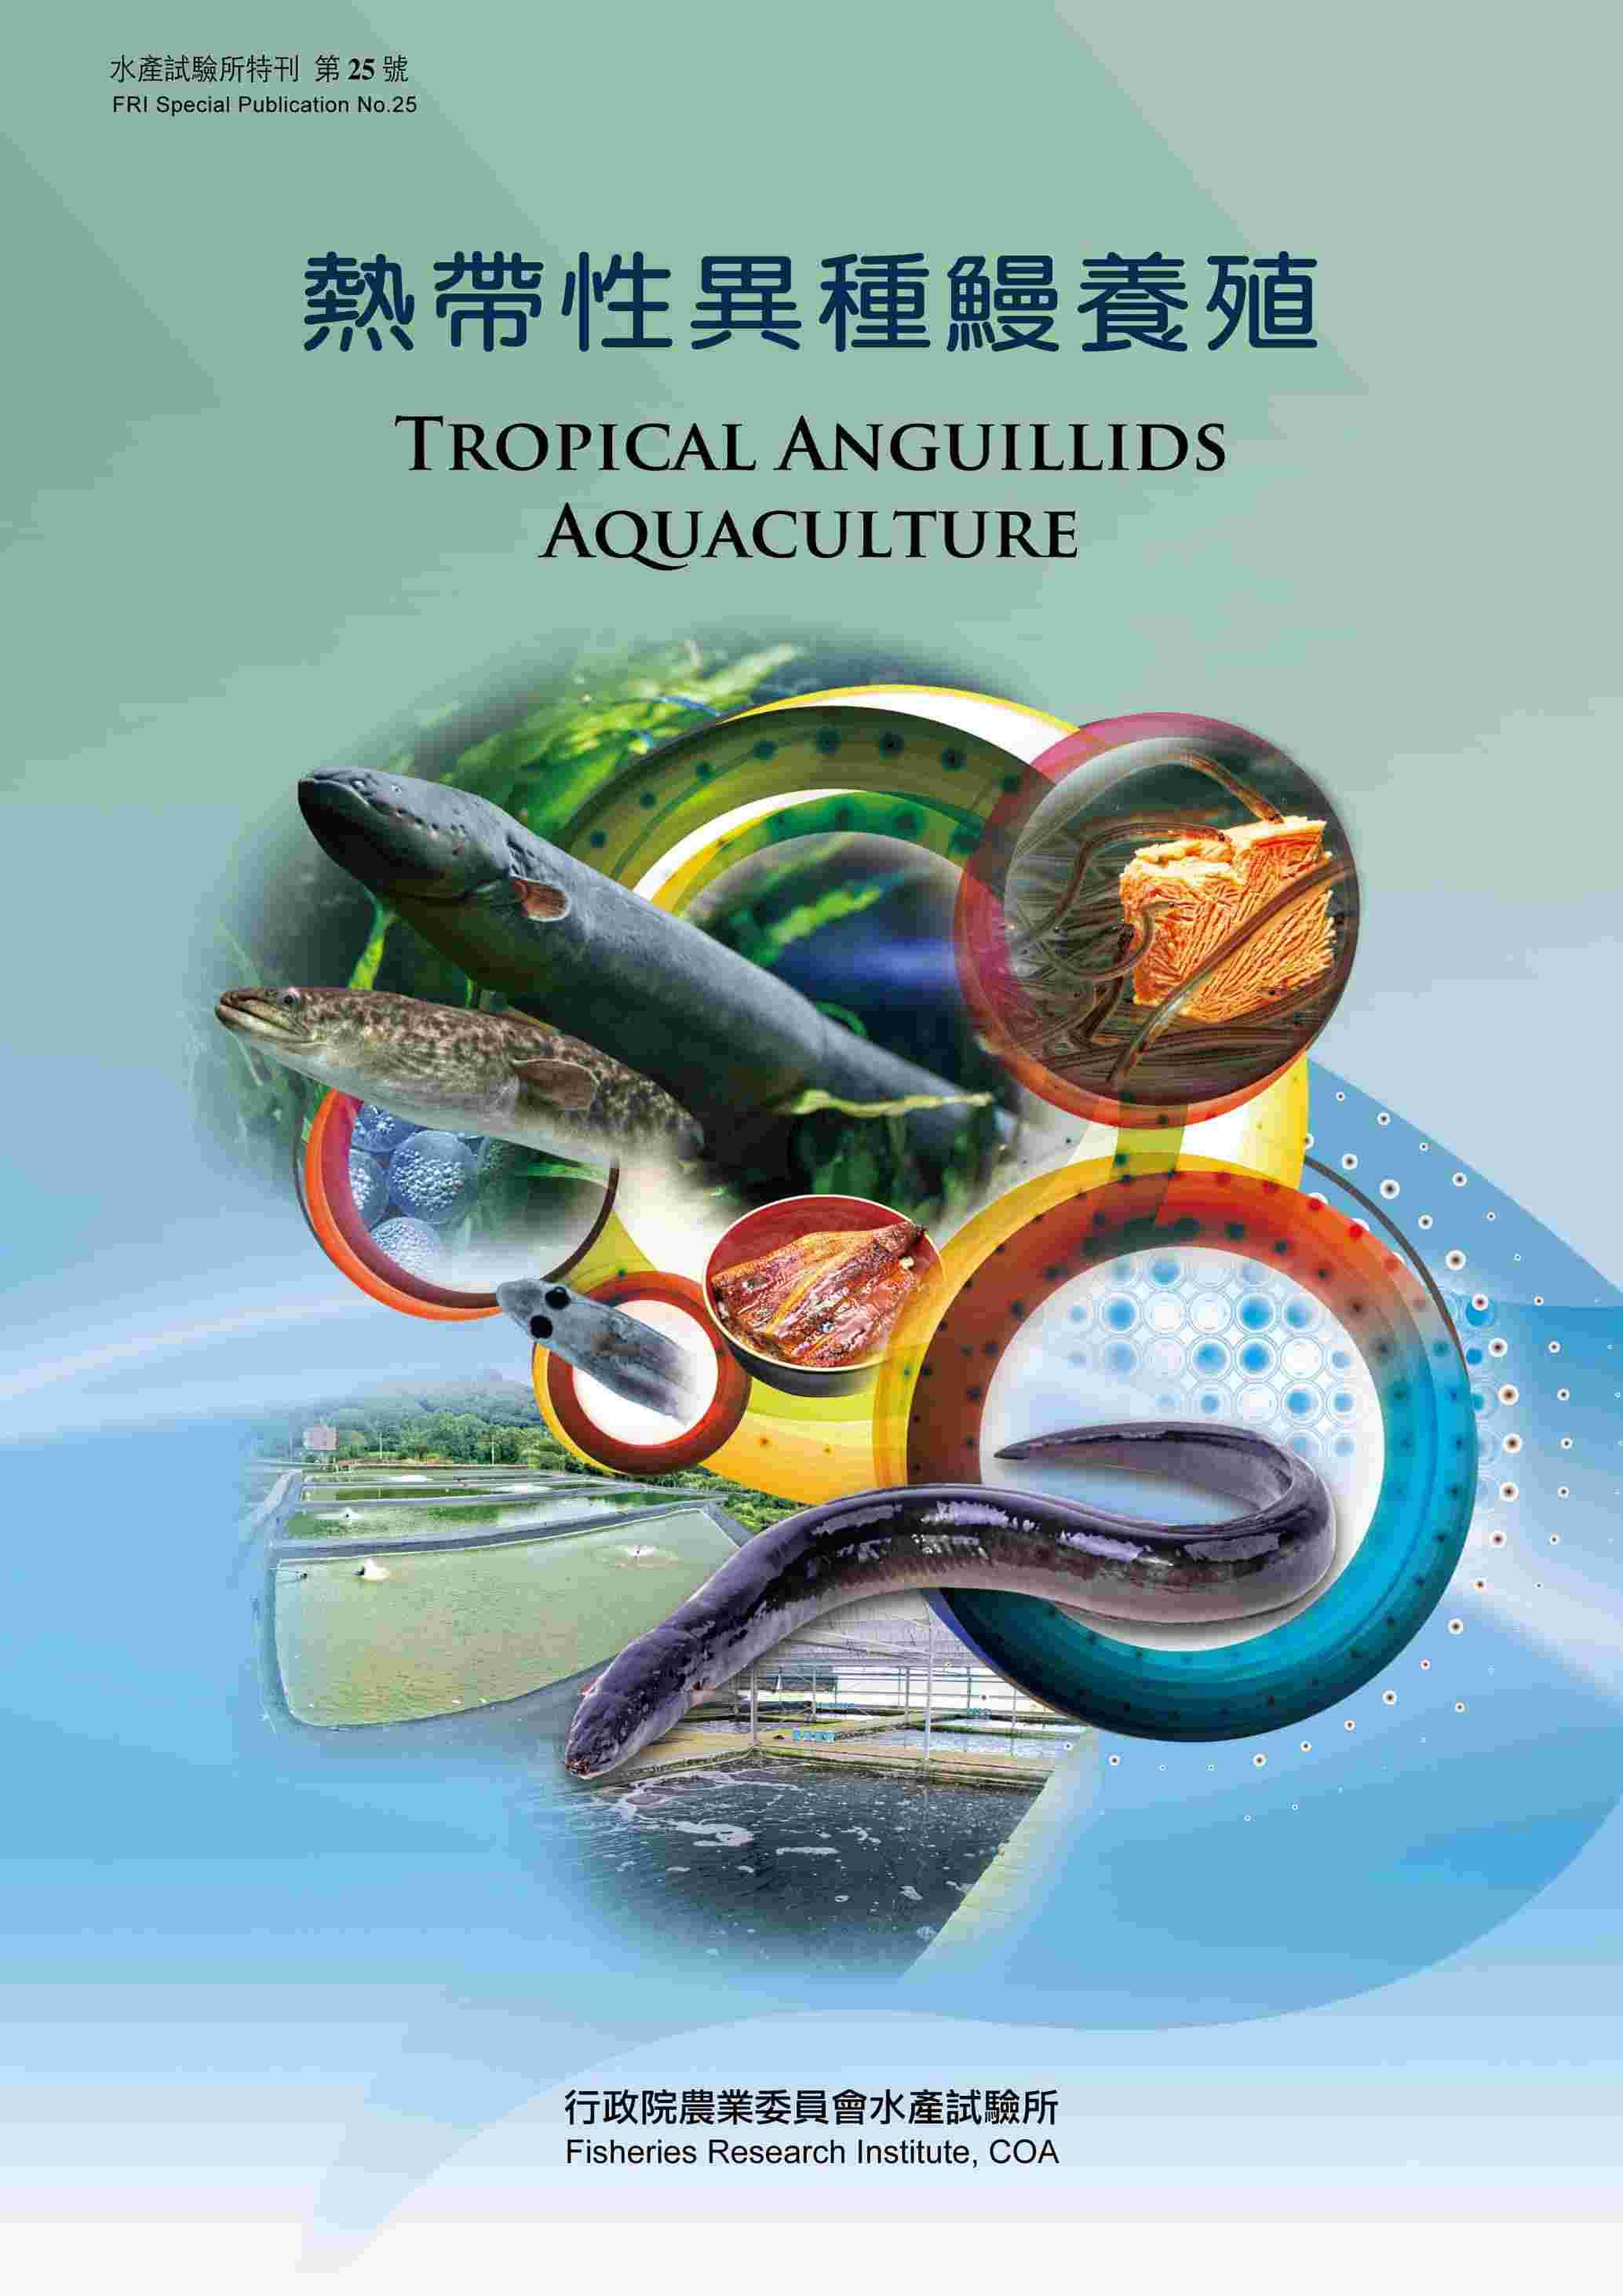 熱帶異種鰻養殖(特刊第25號)